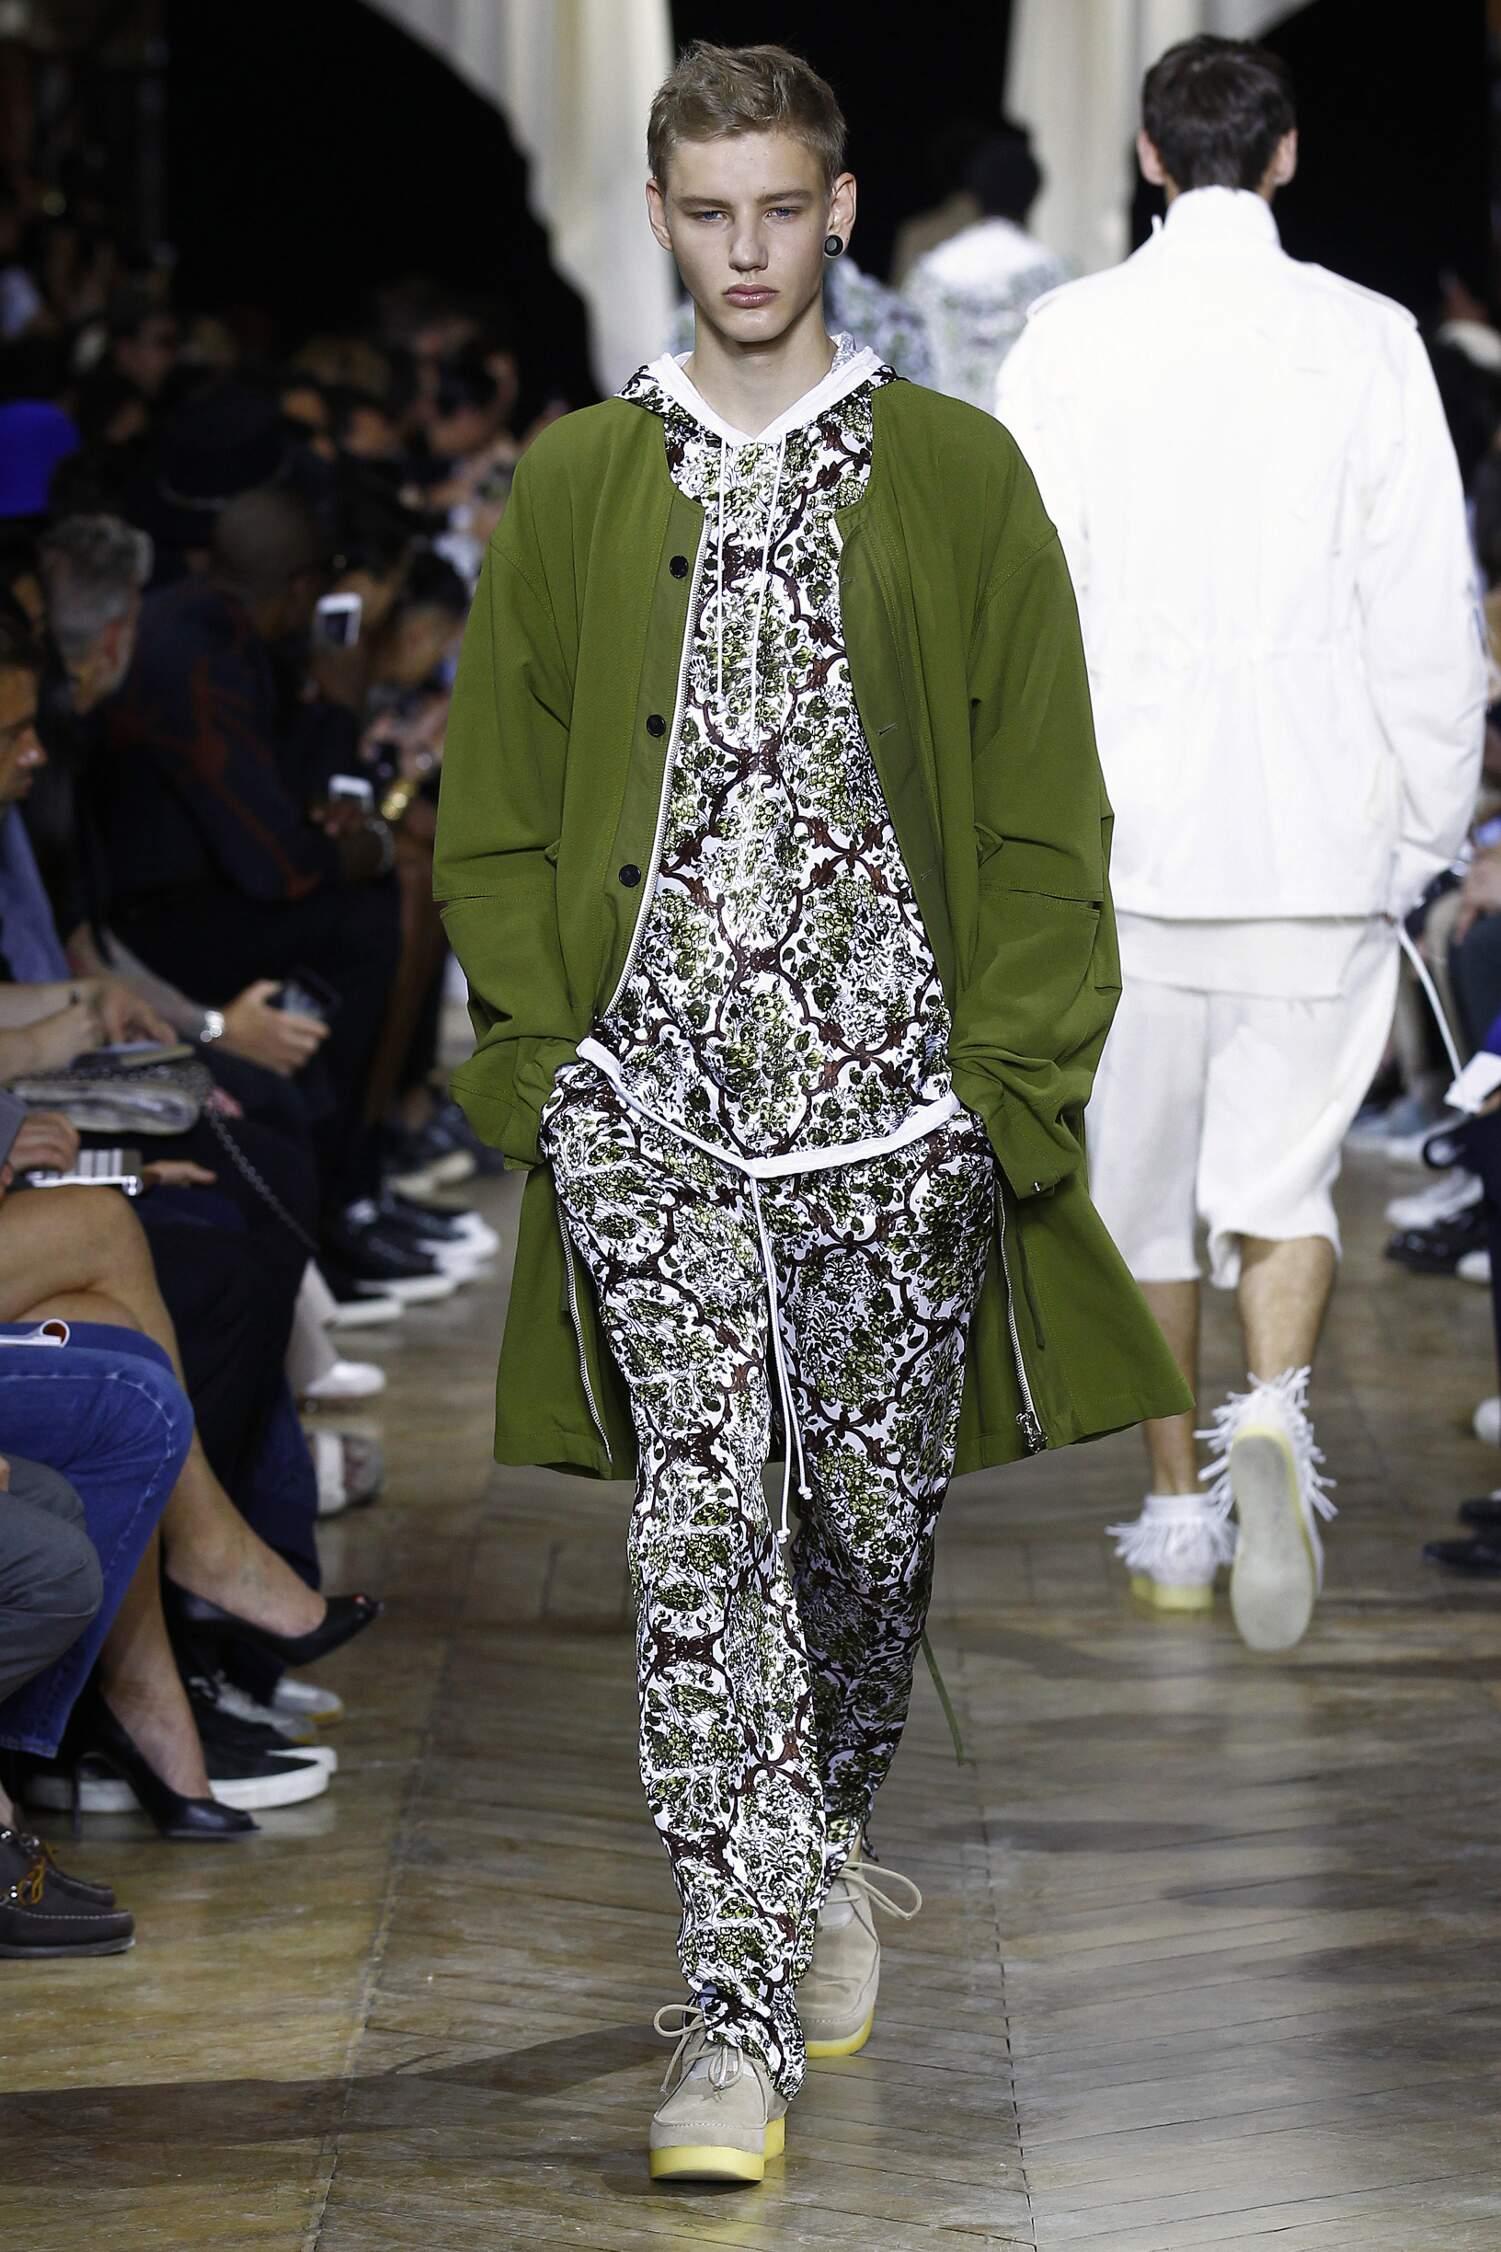 Catwalk Phillip Lim Spring Summer 2016 Men's Collection Paris Fashion Week